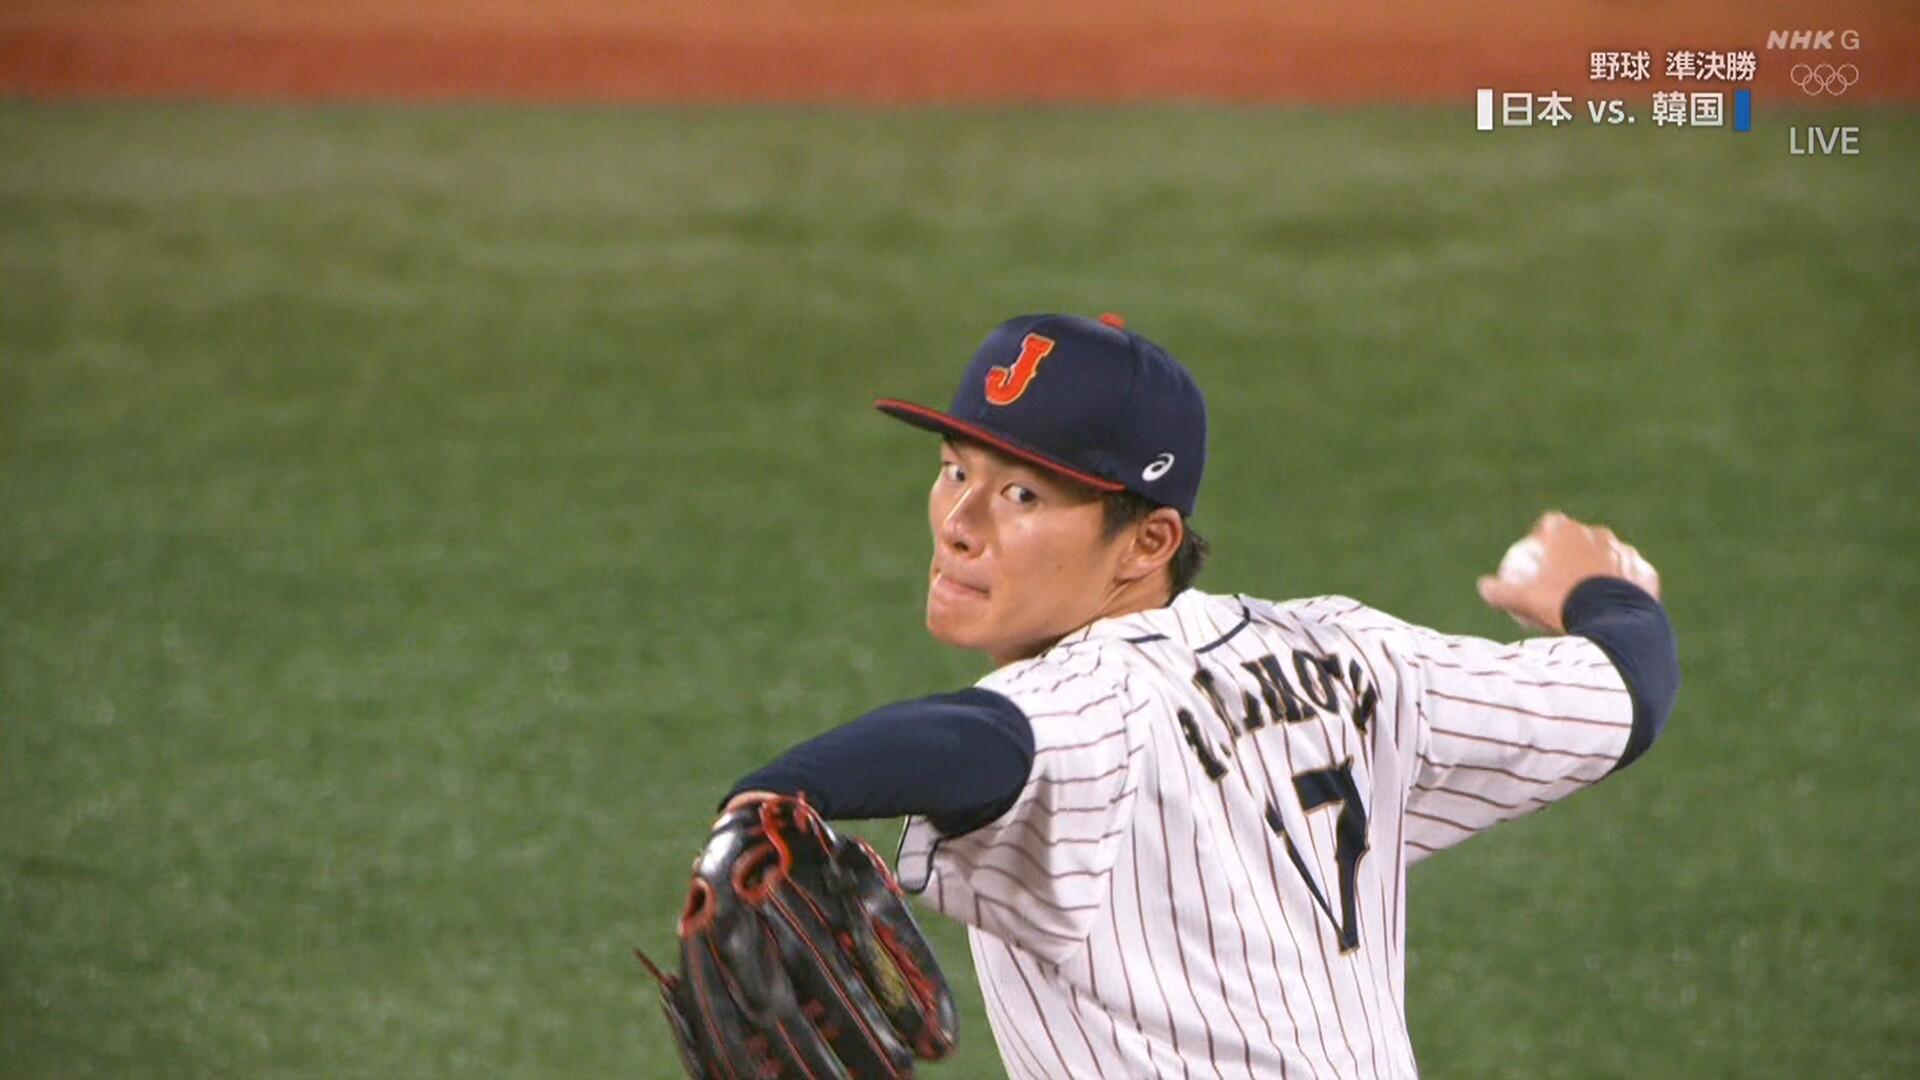 【侍ジャパン】 山本由伸キレッキレ! 5回まで2安打無失点8奪三振